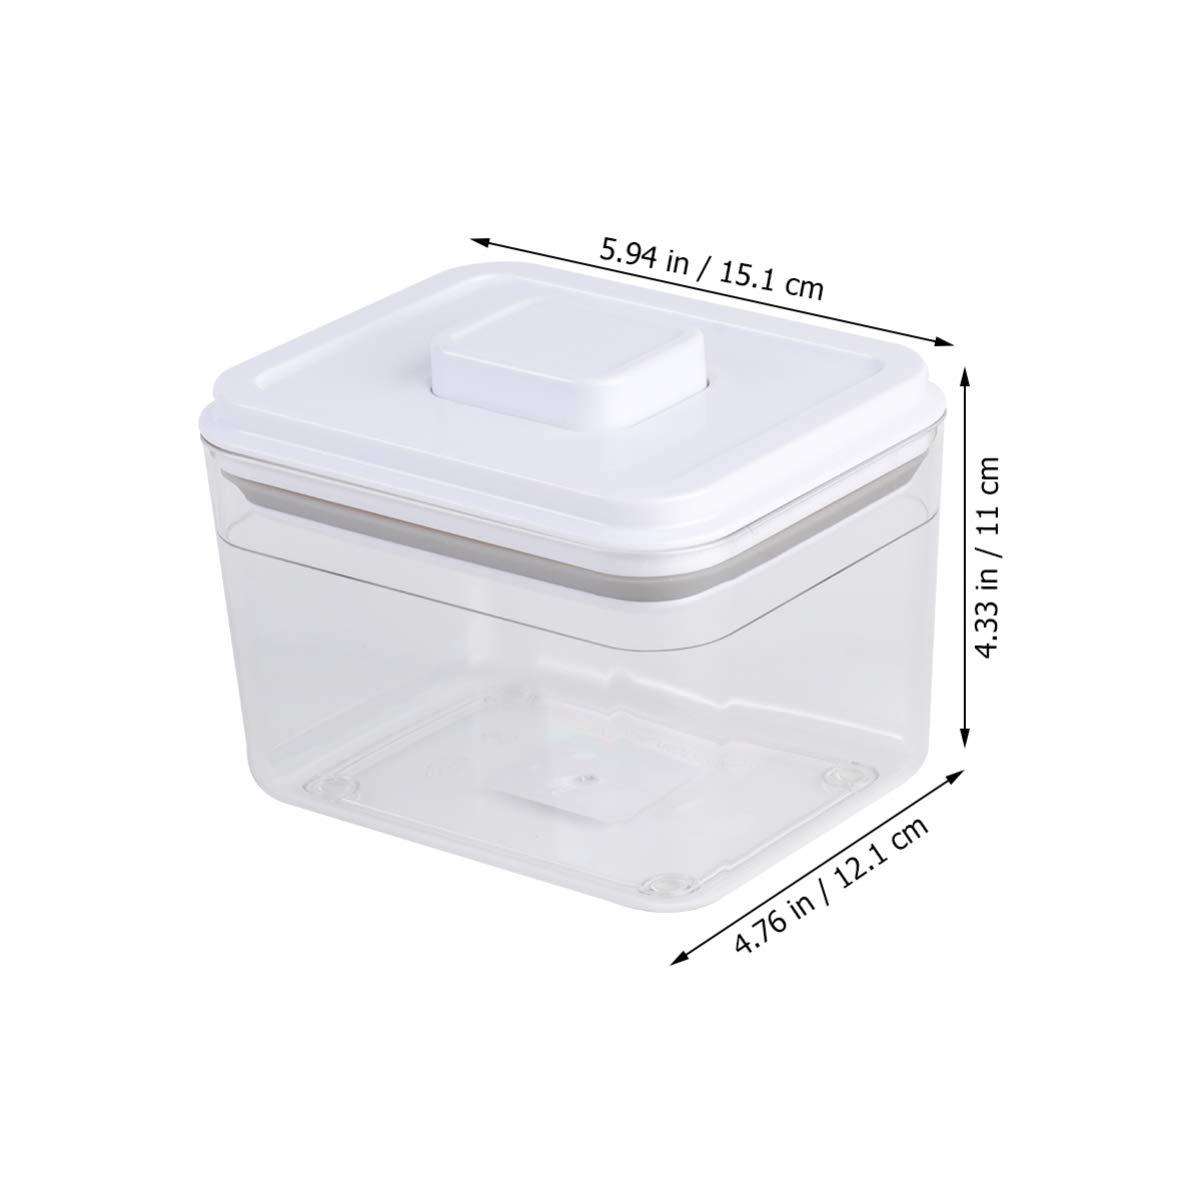 Hemoton Babymilchpulver Formelbeh/älter Babypuderbox Babynahrung Reiseaufbewahrungsbeh/älter Lebensmittelaufbewahrungsbox 1000 Ml Wei/ß